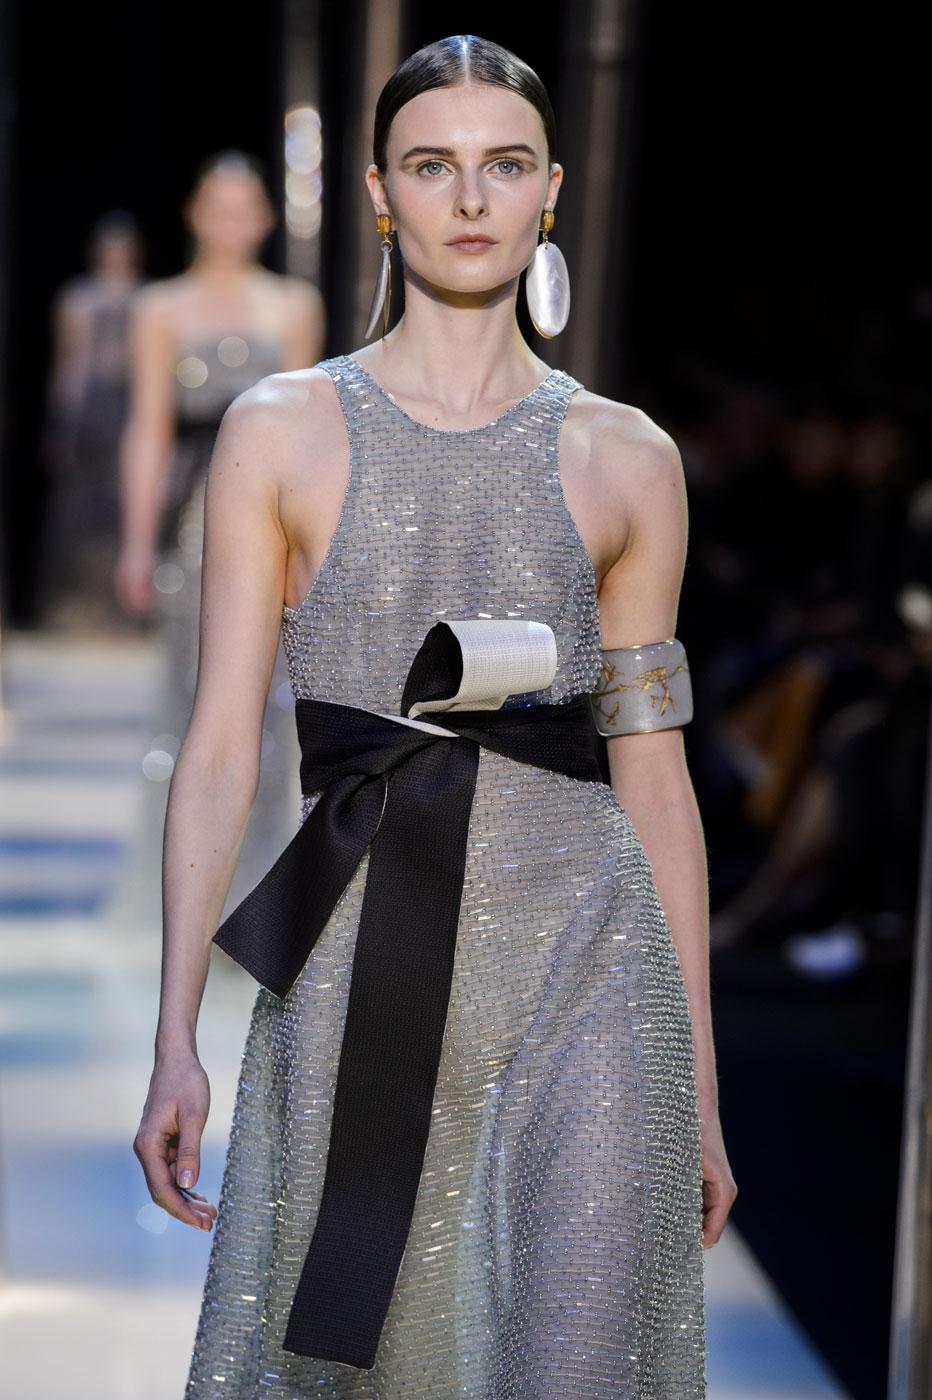 Giorgio-armani-Prive-fashion-runway-show-haute-couture-paris-spring-2015-the-impression-114